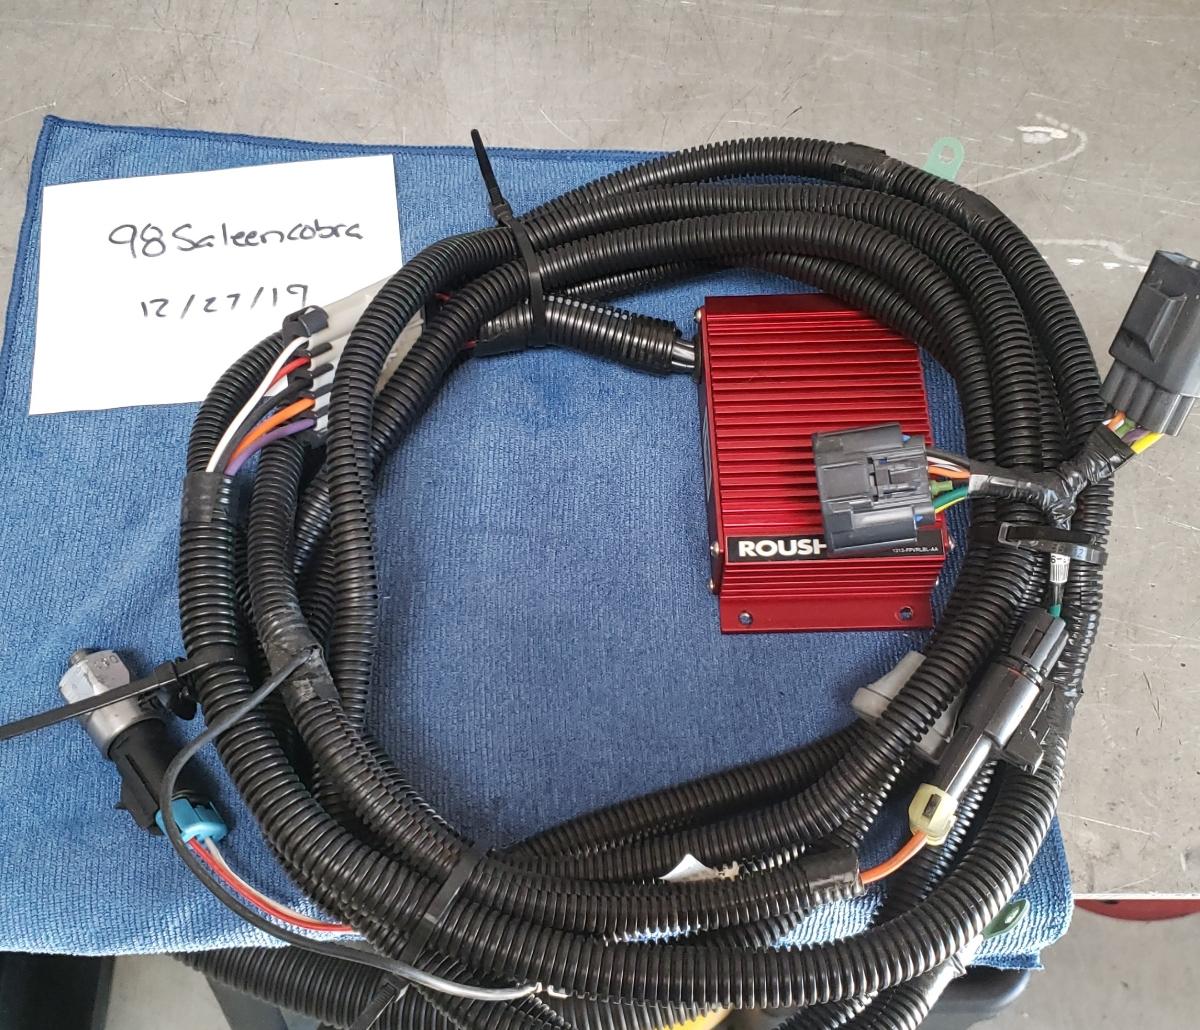 30CC06FA-E3BF-43C4-AEC7-94FA79A40B93.jpeg